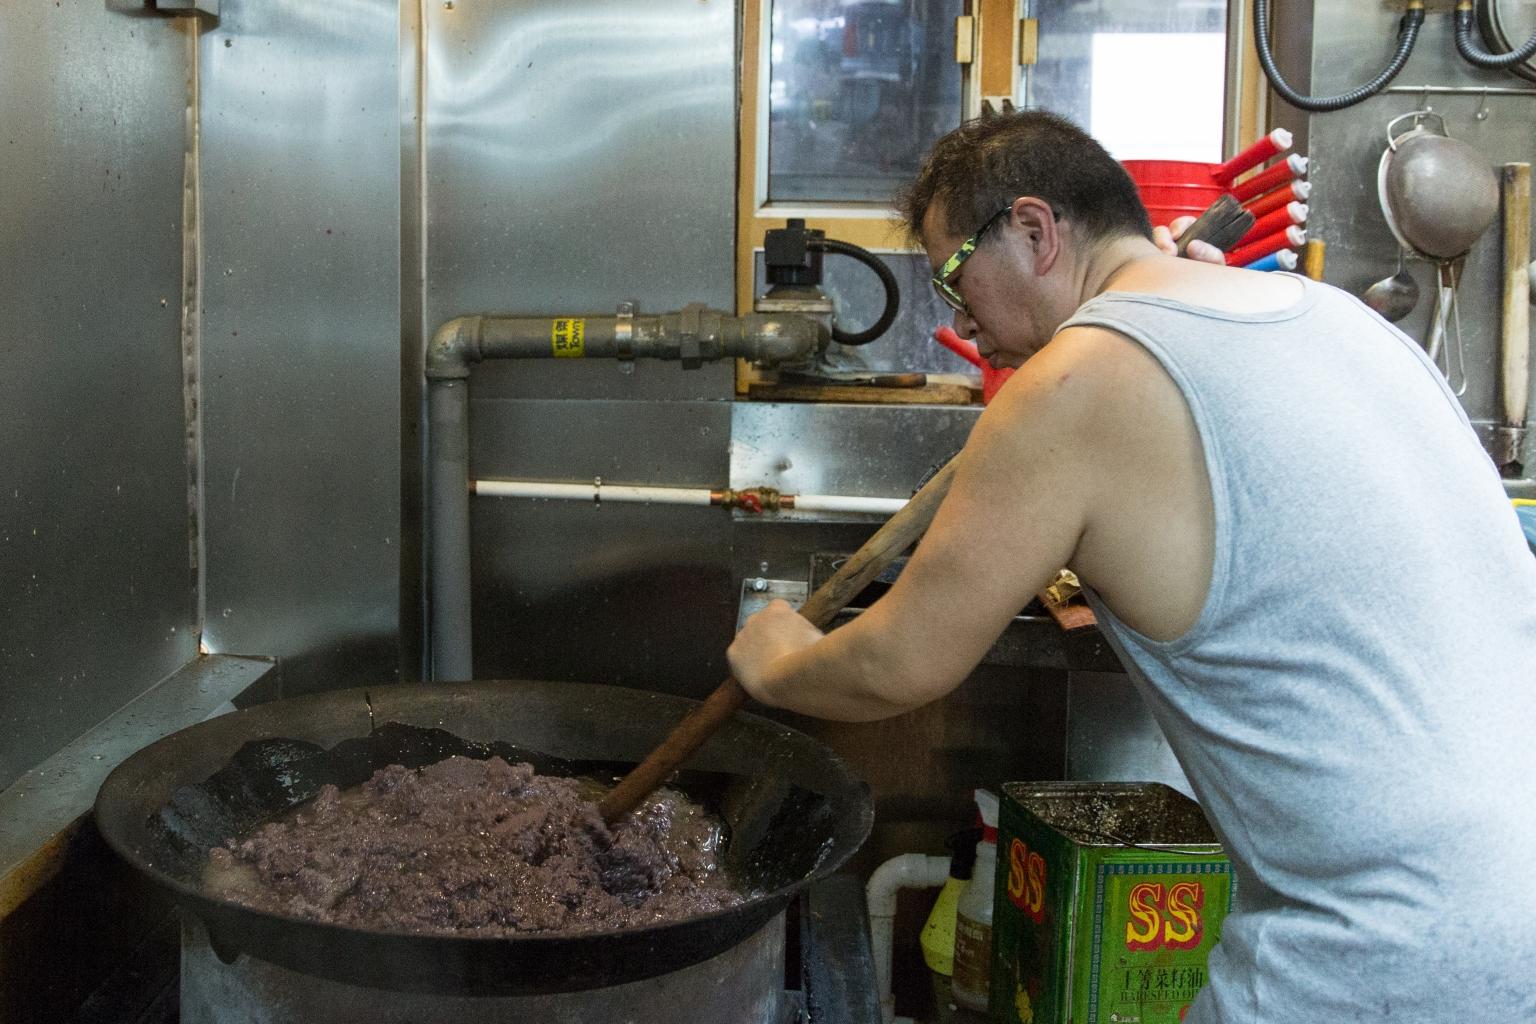 傅永康手上拿着自製的鏟:「以前用地拖柄,現在換了新界人的鋤頭柄。有人炒麥芽花生糖都是用它,我就只用來整豆沙。」